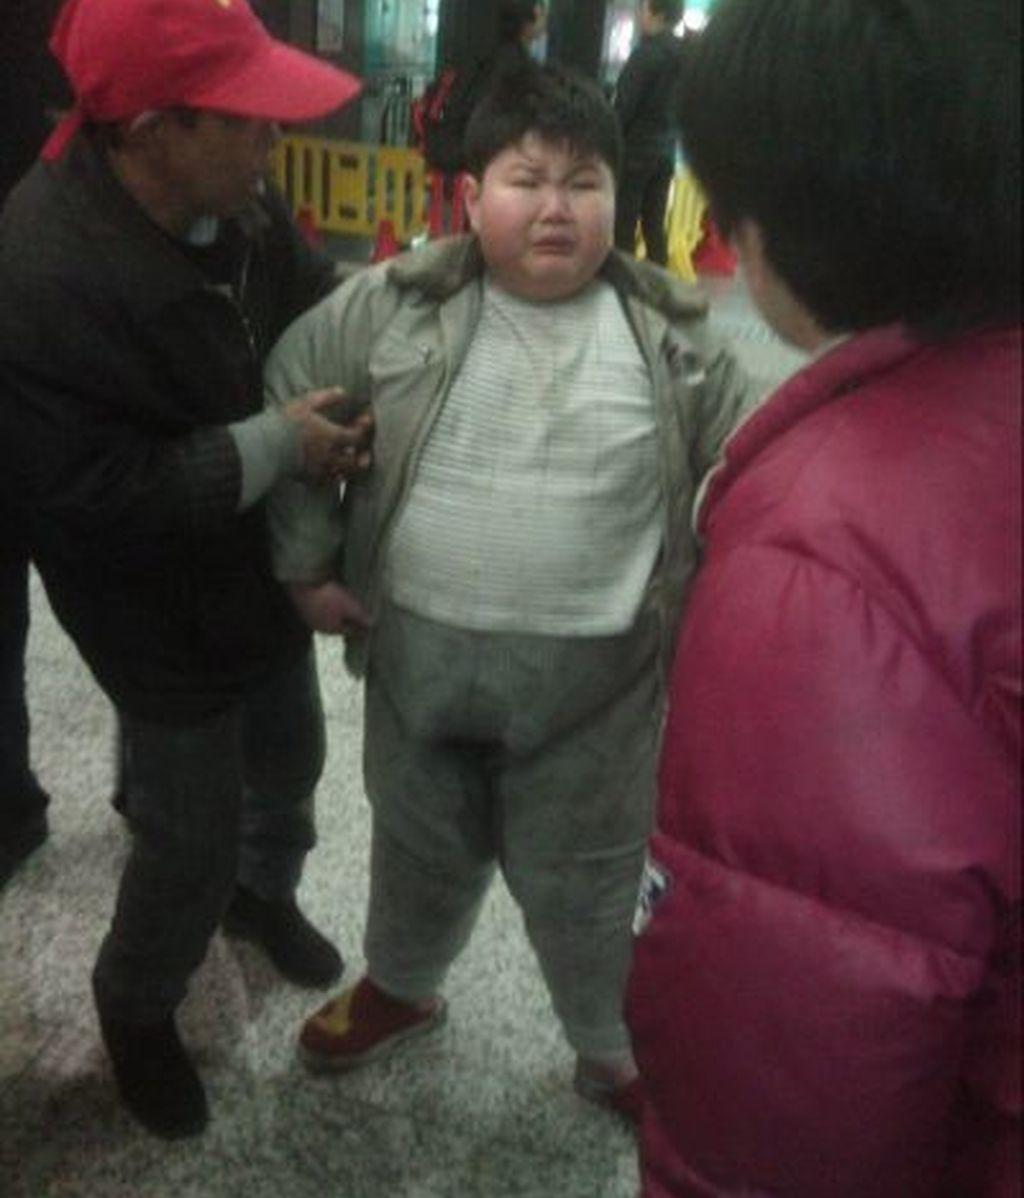 Sus padres lo dejan tirado en la calle por ser obeso